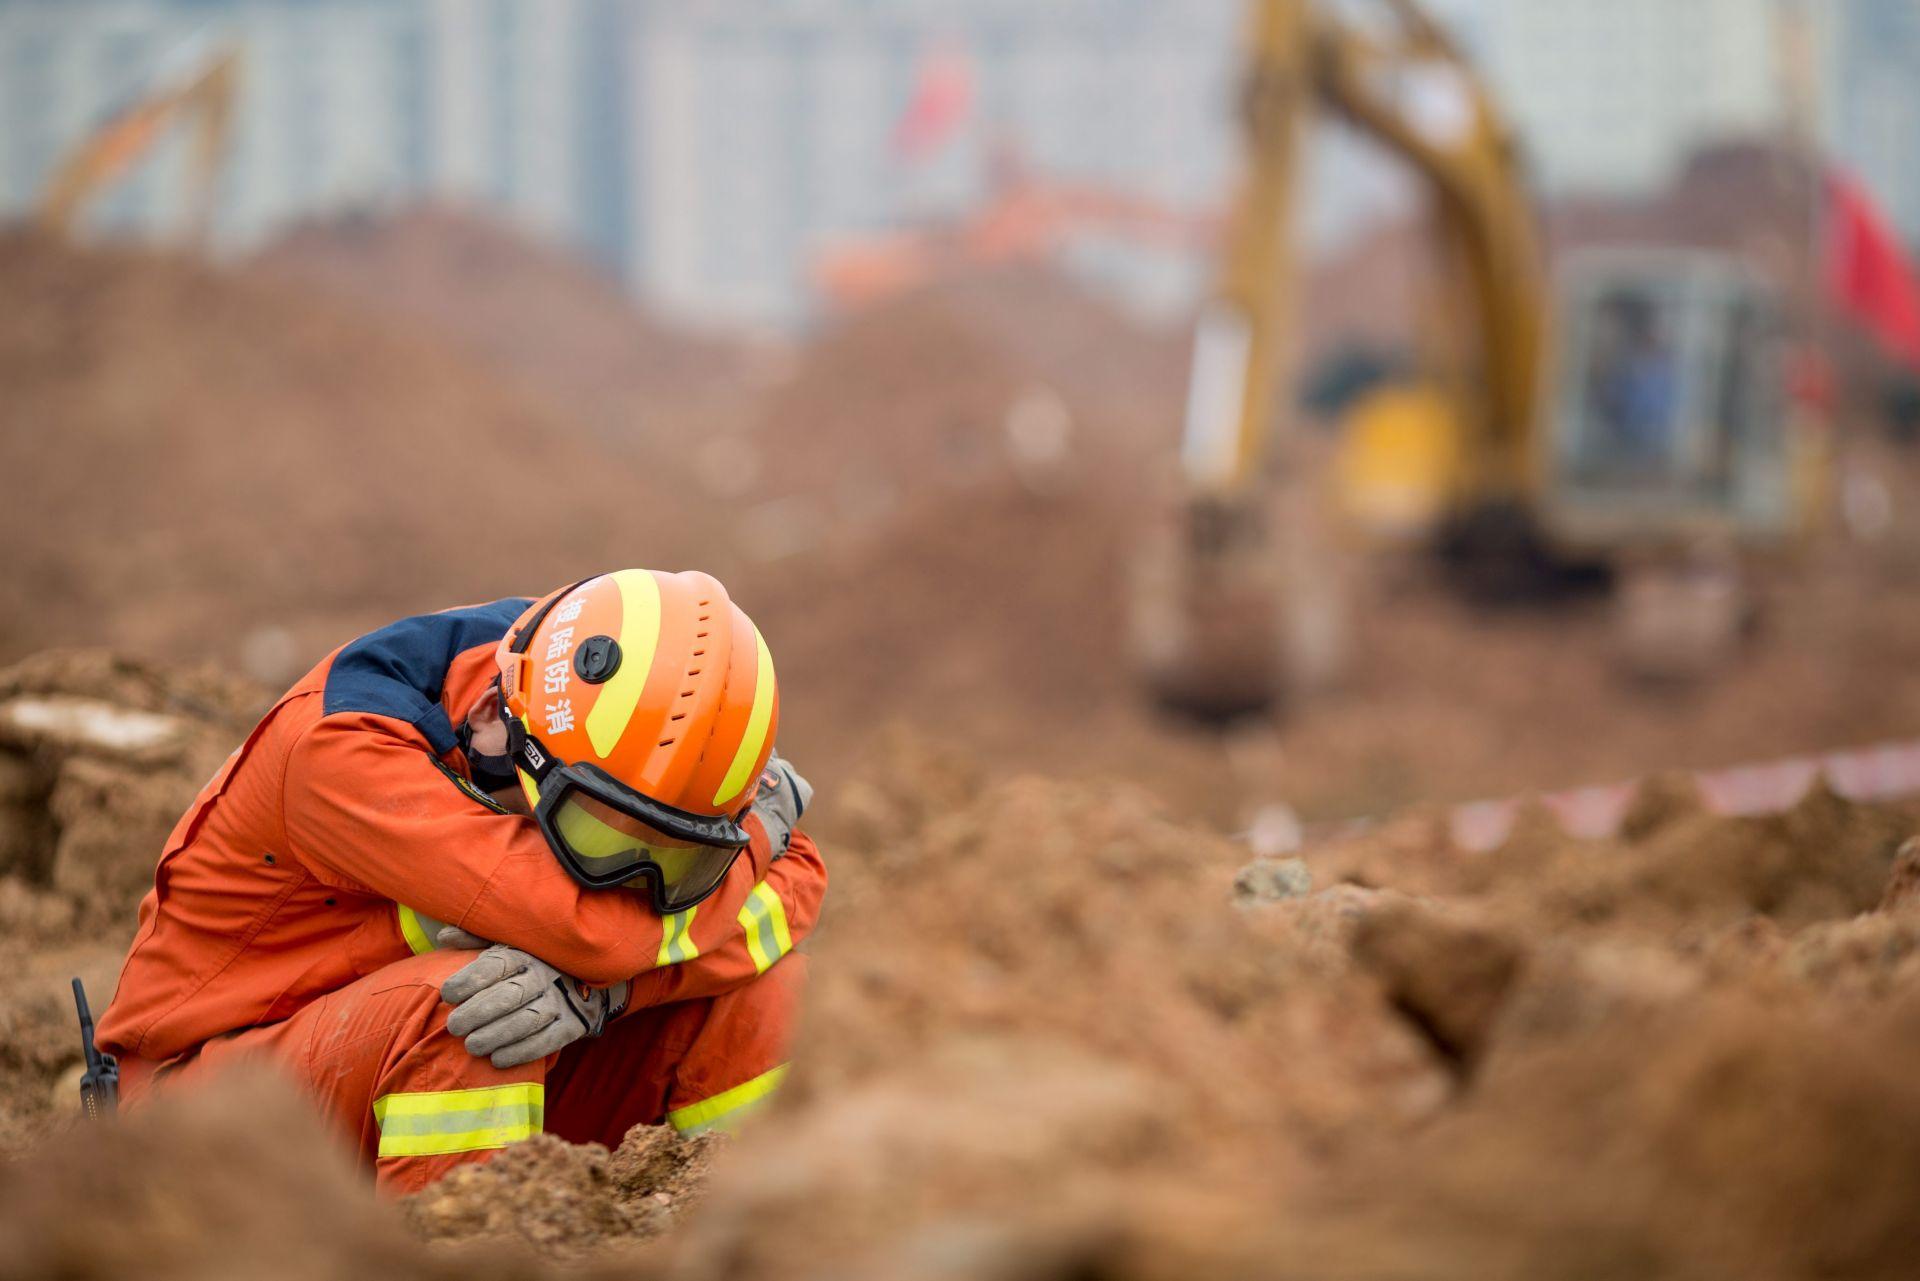 IZVJEŠĆE POKAZALO: Više od 120.000 mrtvih godišnje na cestama i na radu u Kini